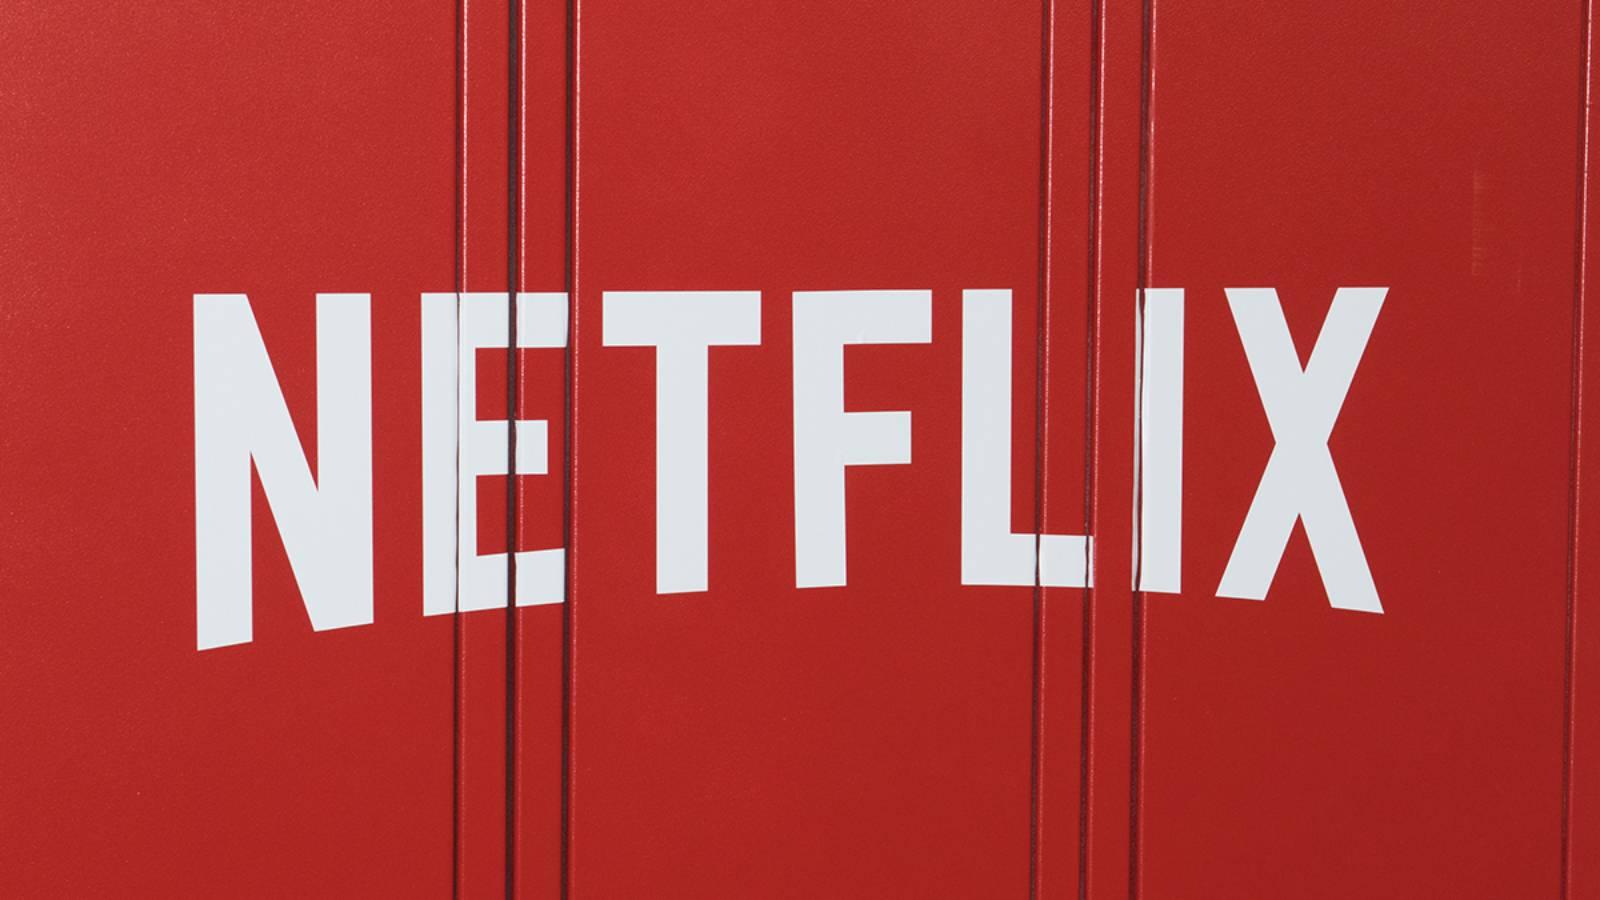 Netflix mariri